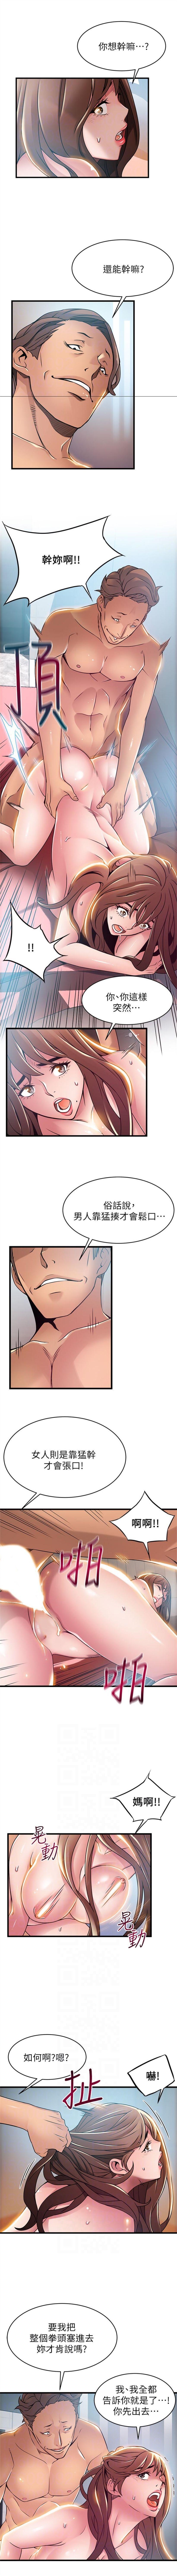 弱点 1-64 中文翻译(更新中) 262